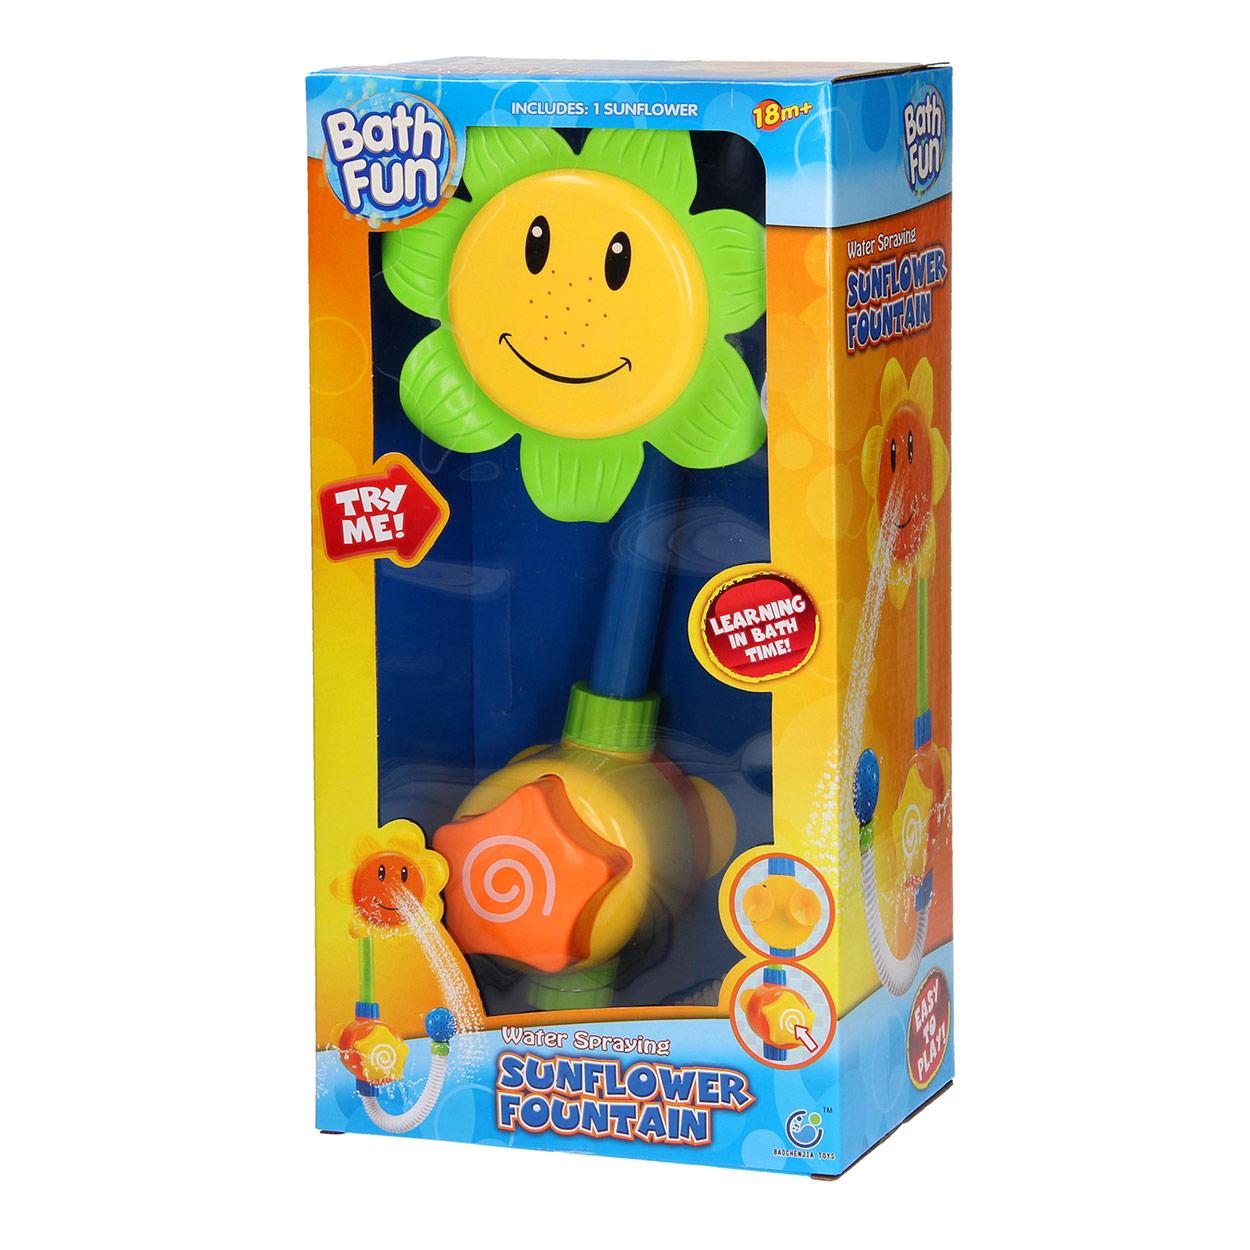 Baby speelgoed met zuignap speelgoed online kopen